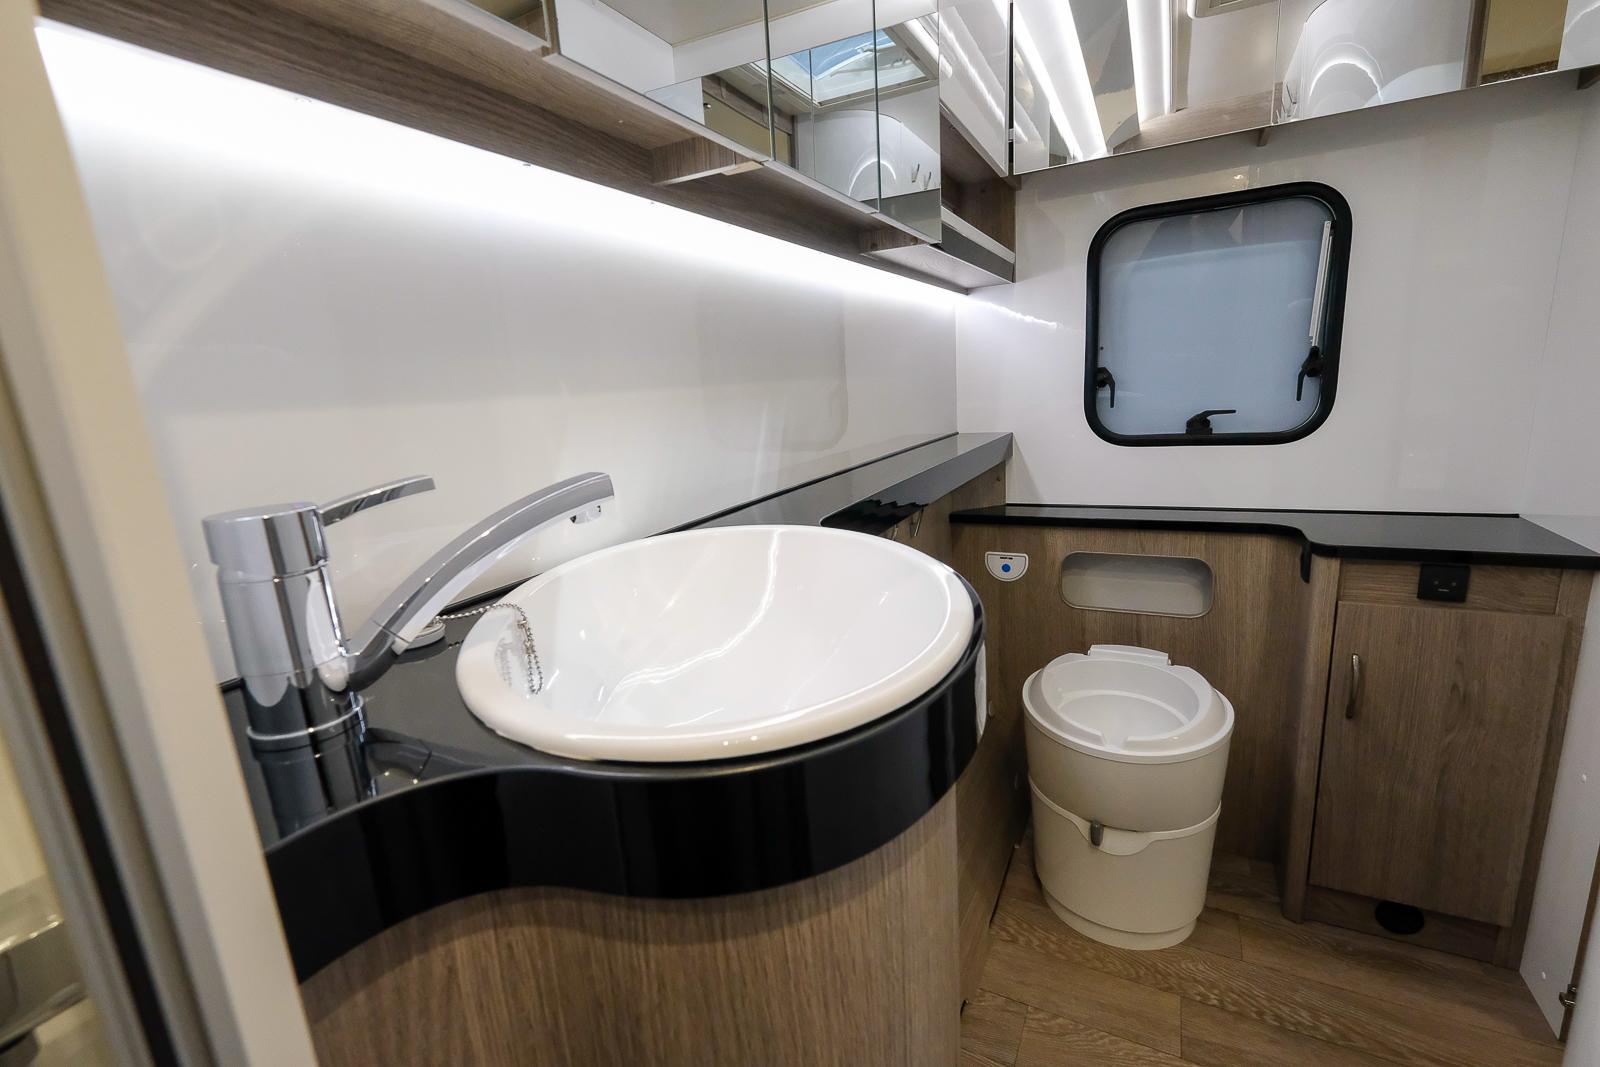 Ett stort badrum i husvagnens hela bredd ger spatiösa utrymmen. Stor duschkabin, badrumsfönster och gott om förvaring.